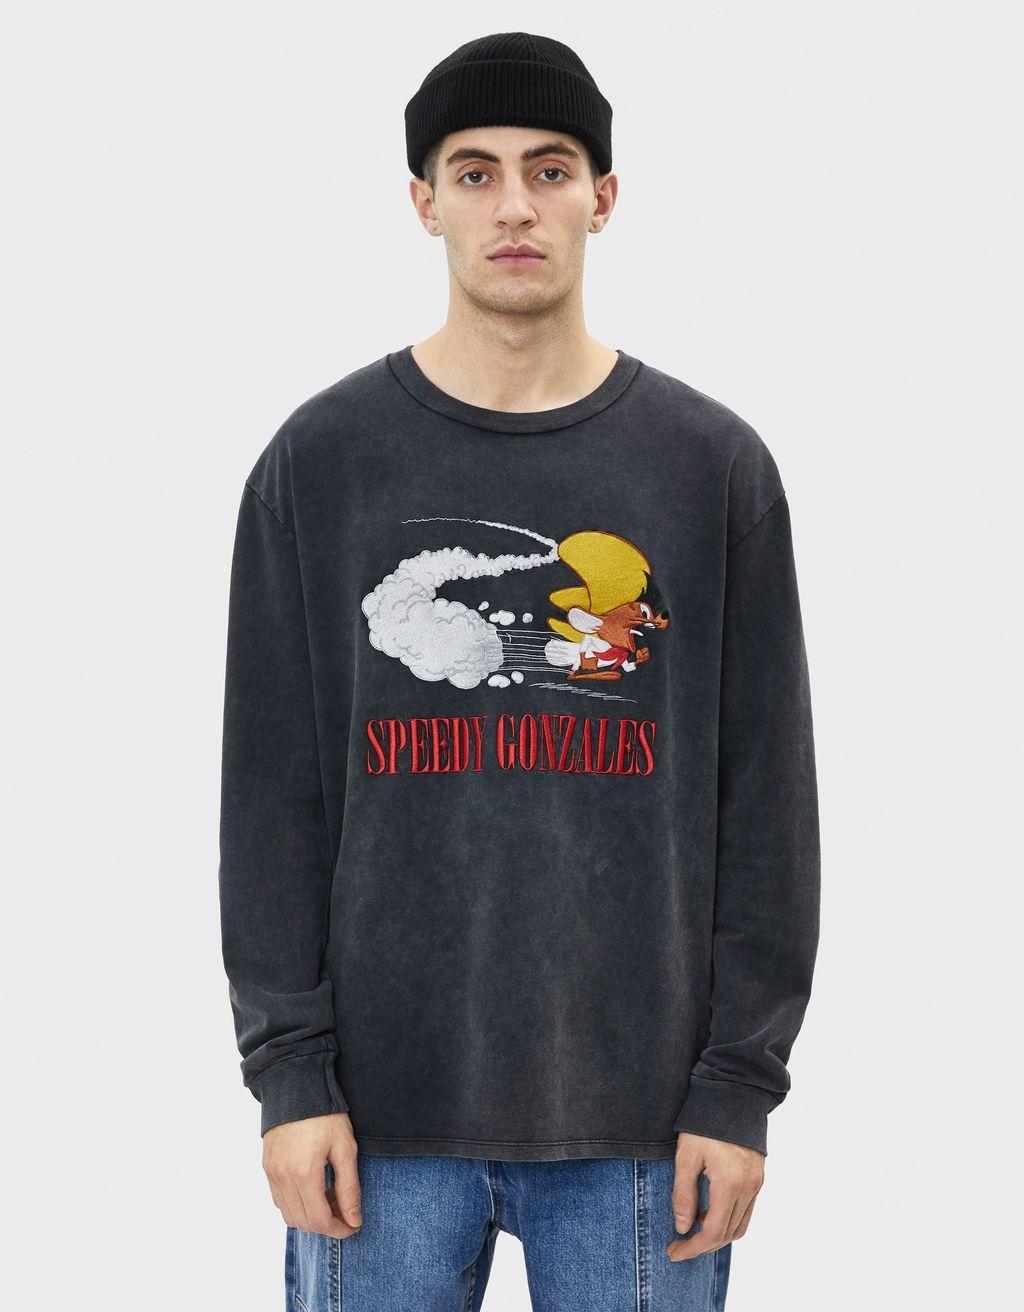 Speedy González sweatshirt